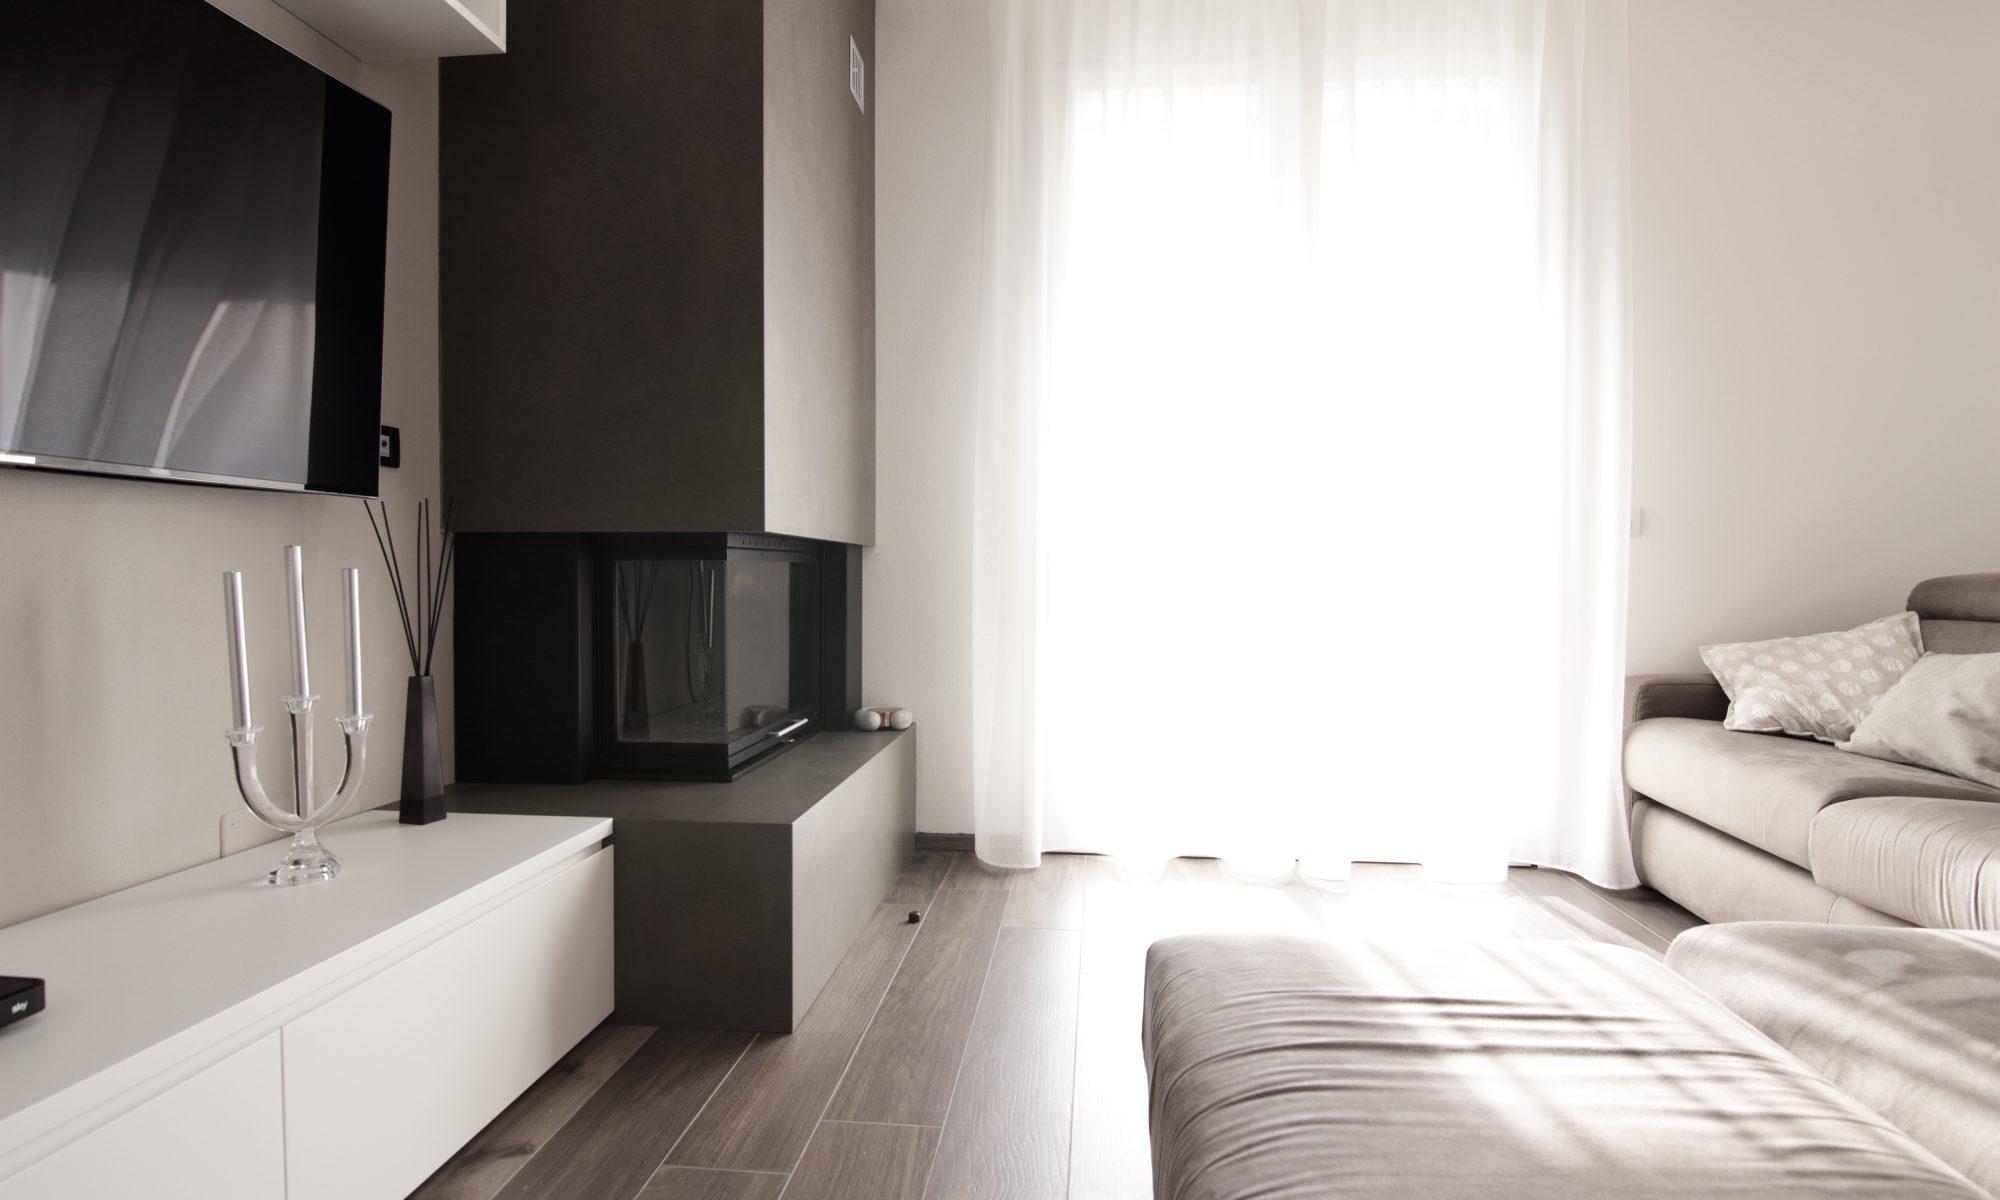 ARPEGGIO interior design fiorano